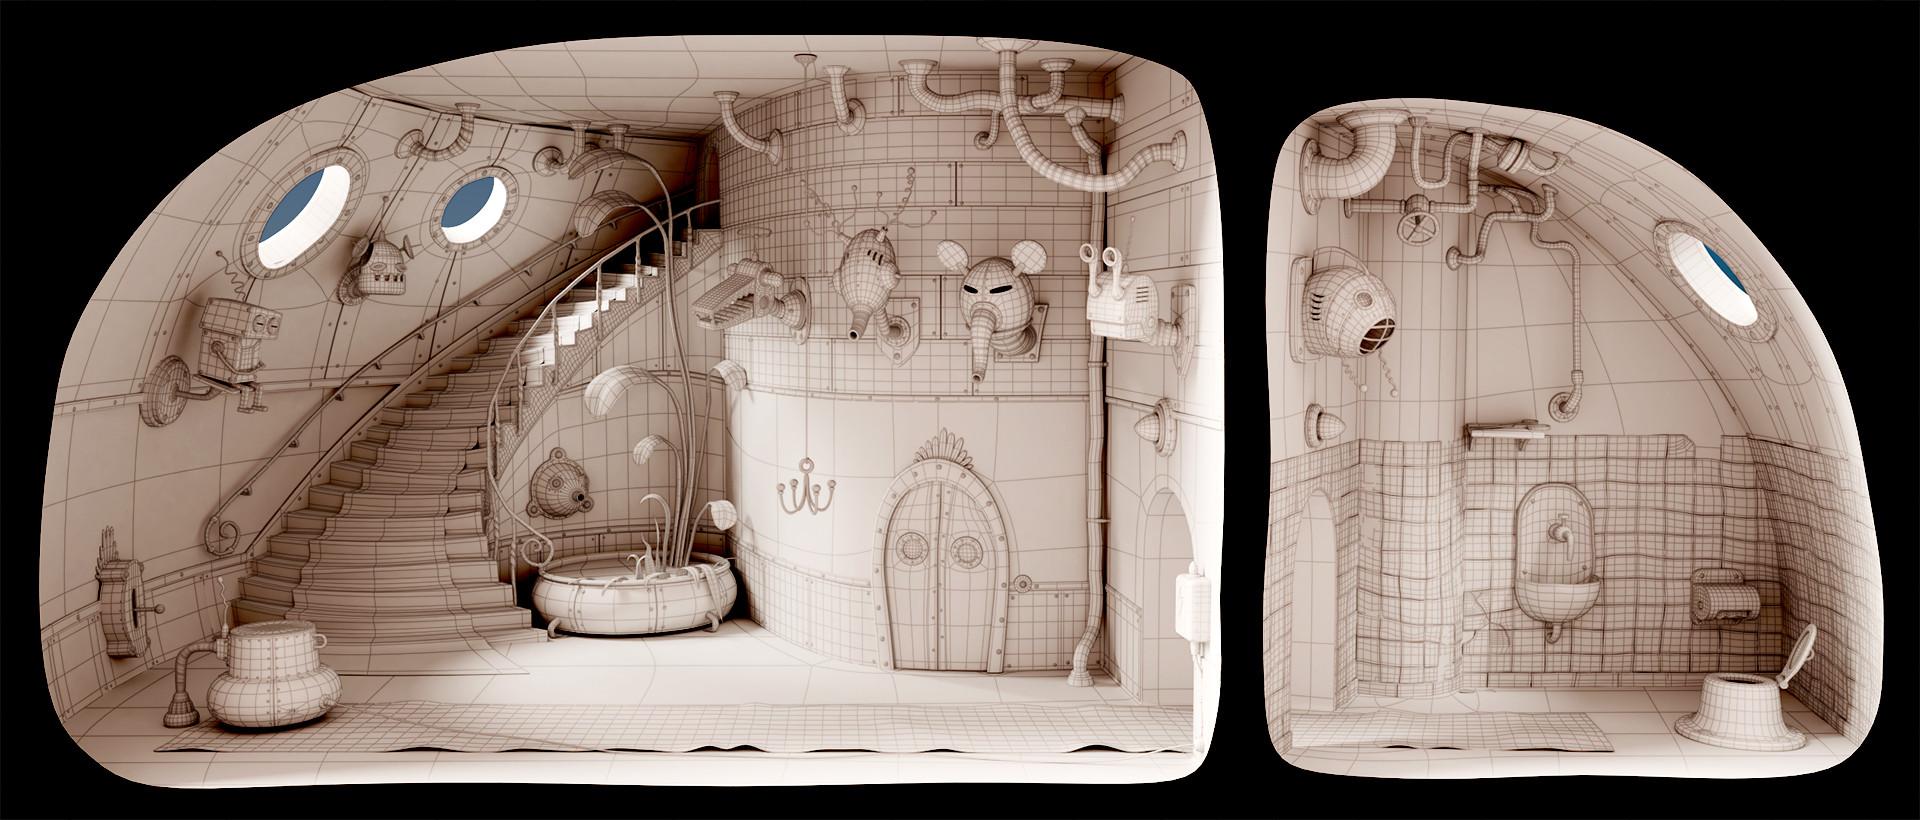 ArtStation - Machinarium, Roberto Noya